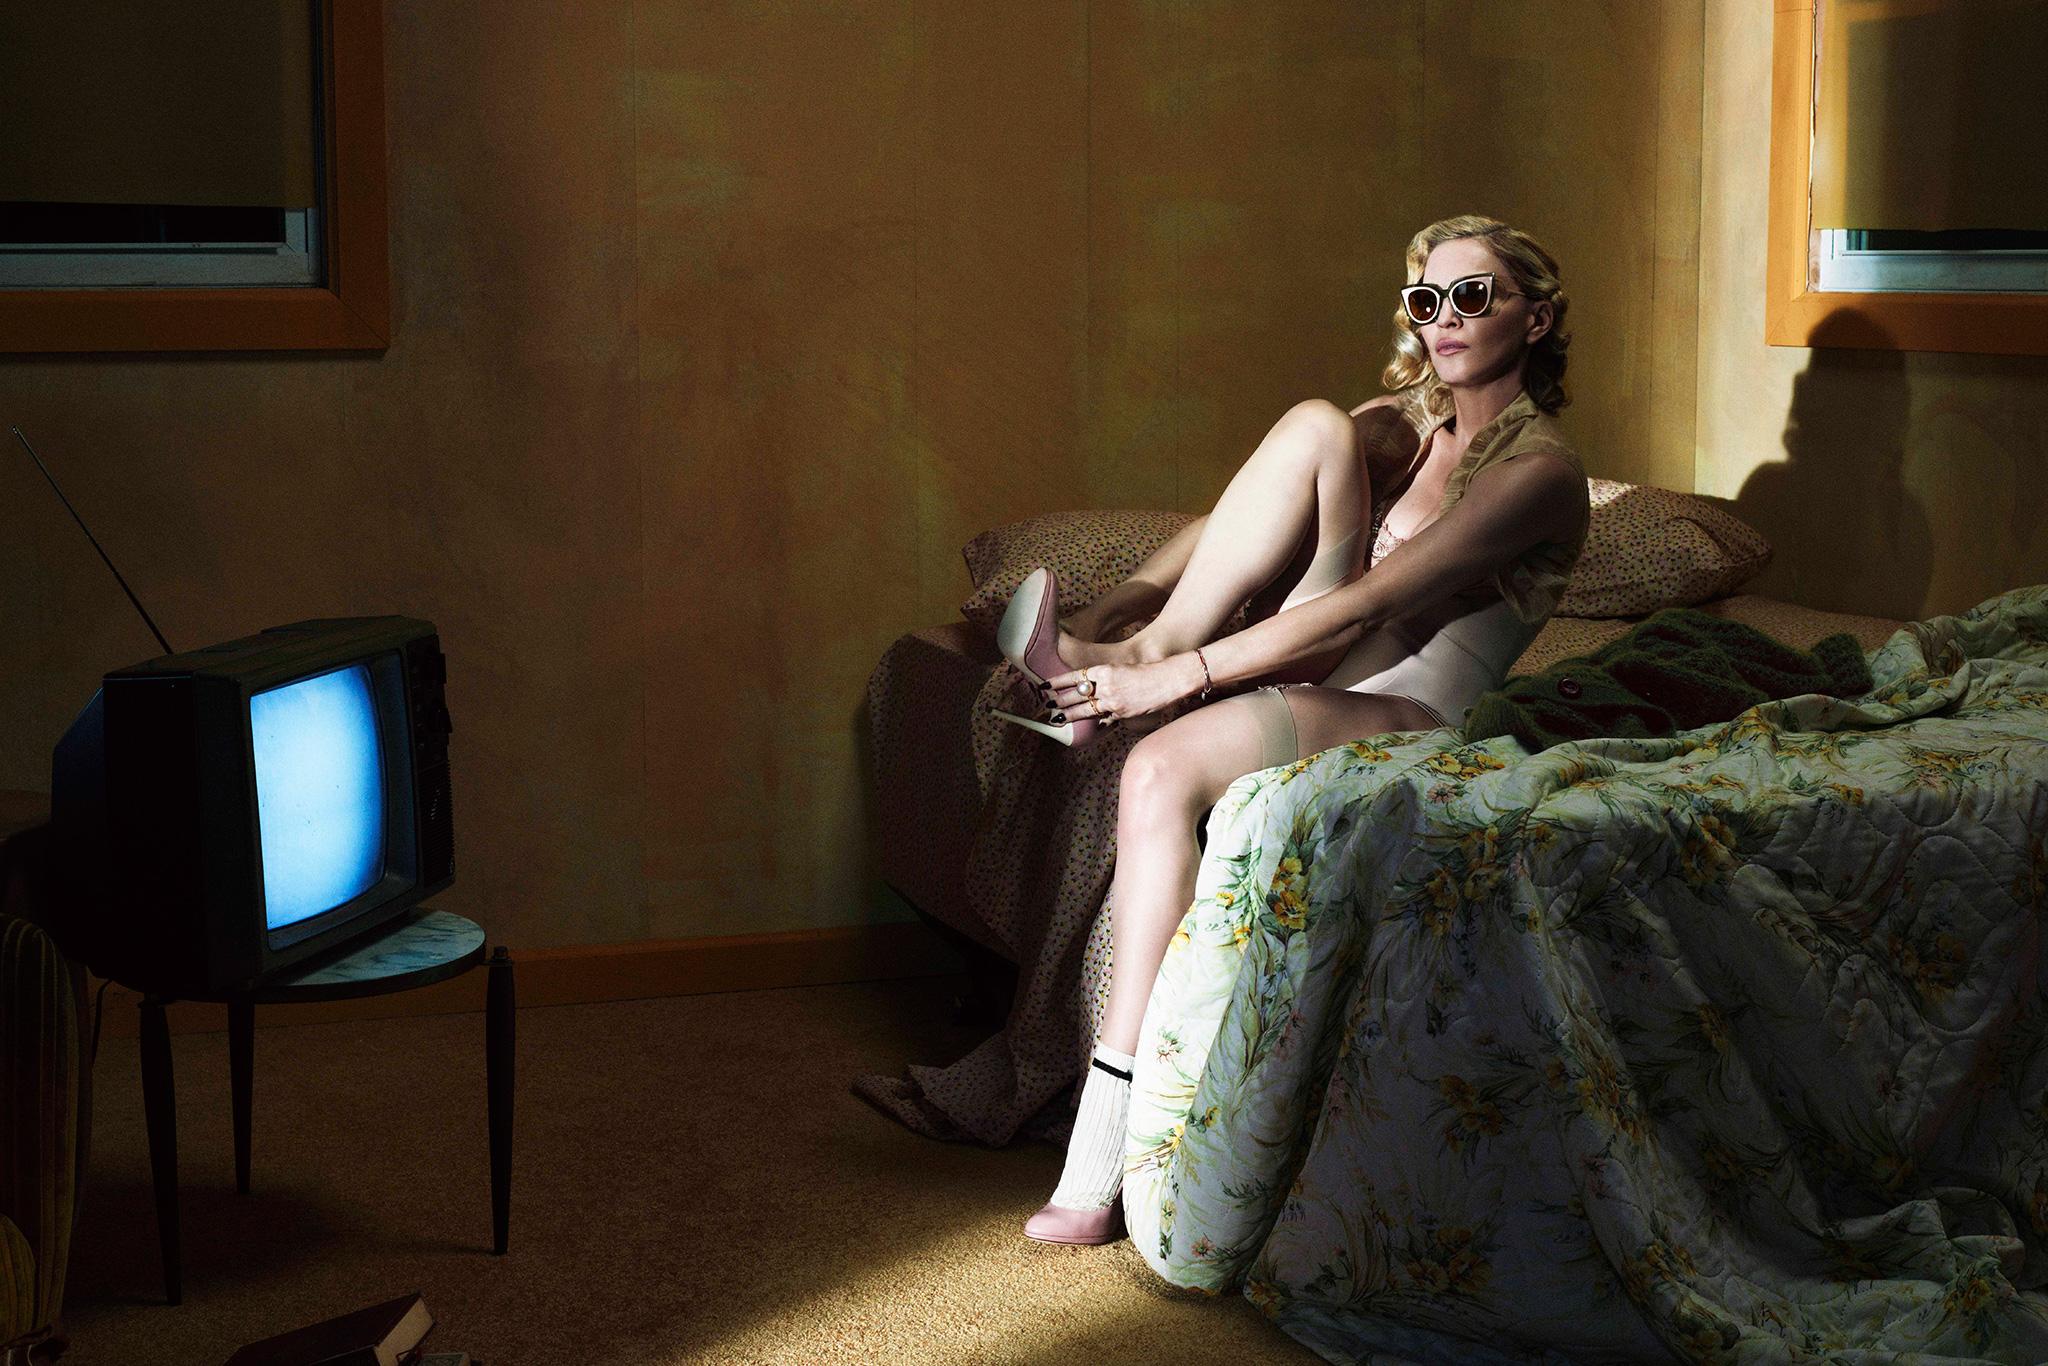 Секс в интервью 14 фотография